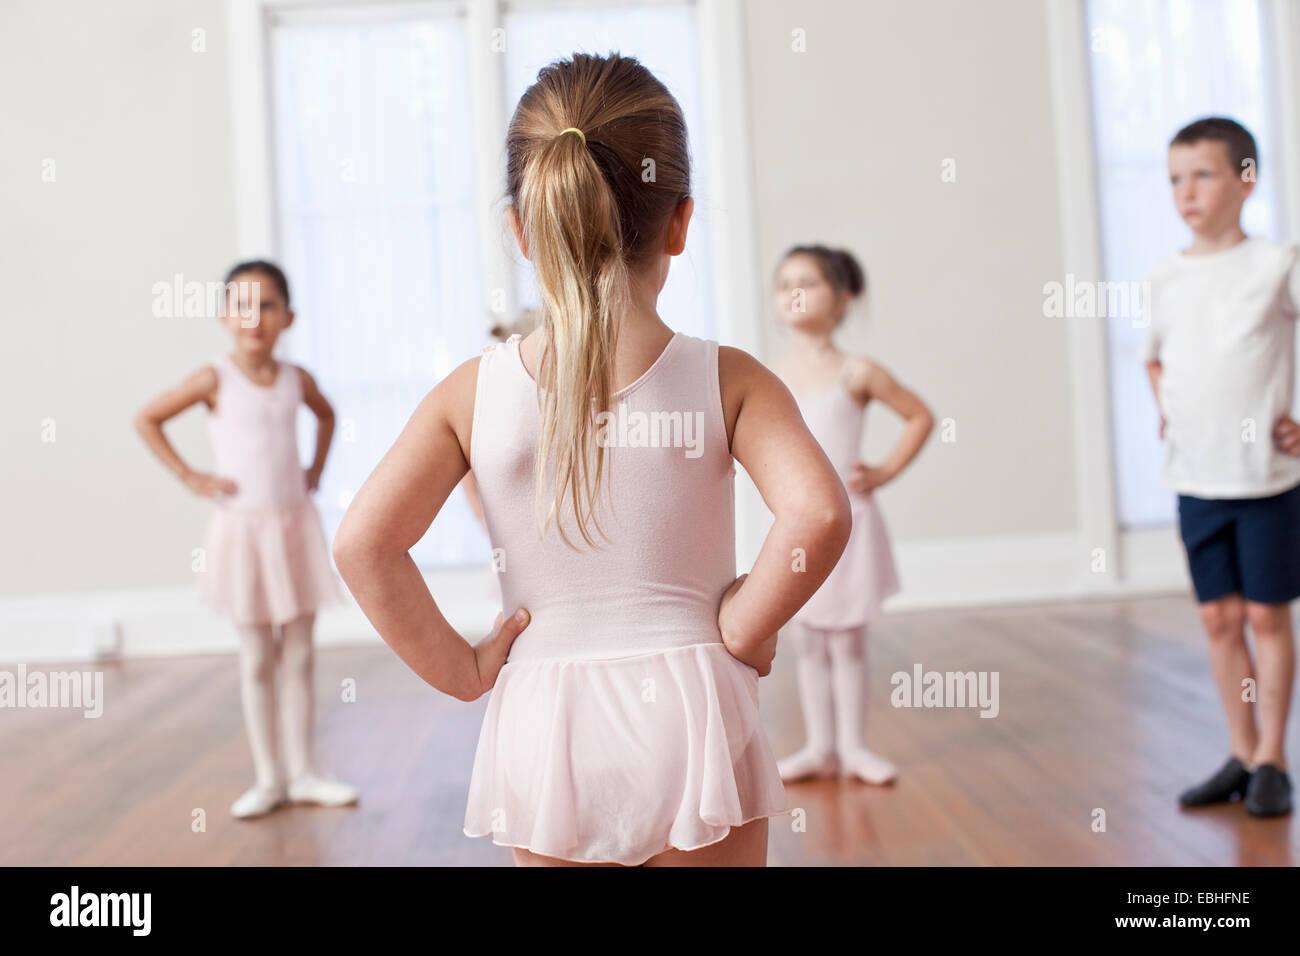 Cuatro de los niños que practican ballet con las manos en las caderas, en la escuela de ballet Imagen De Stock